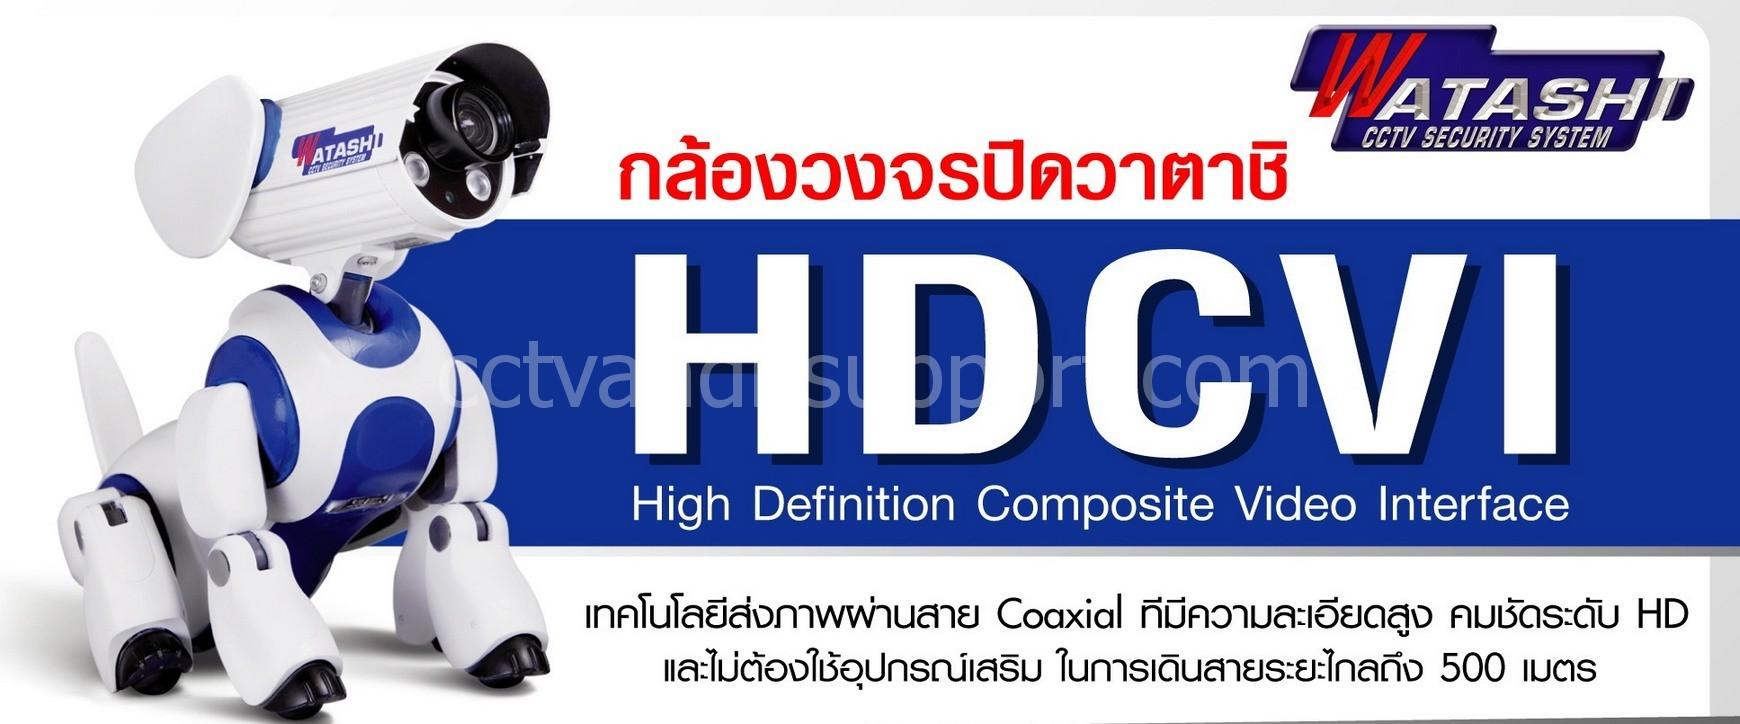 เชียงใหม่กล้องวงจรปิดHDVCI ตัวอย่างภาพกล้องวงจรปิดแบบHDVCI กล้องวงจรปิด CCTV HDCVI คมชัดระดับ HD